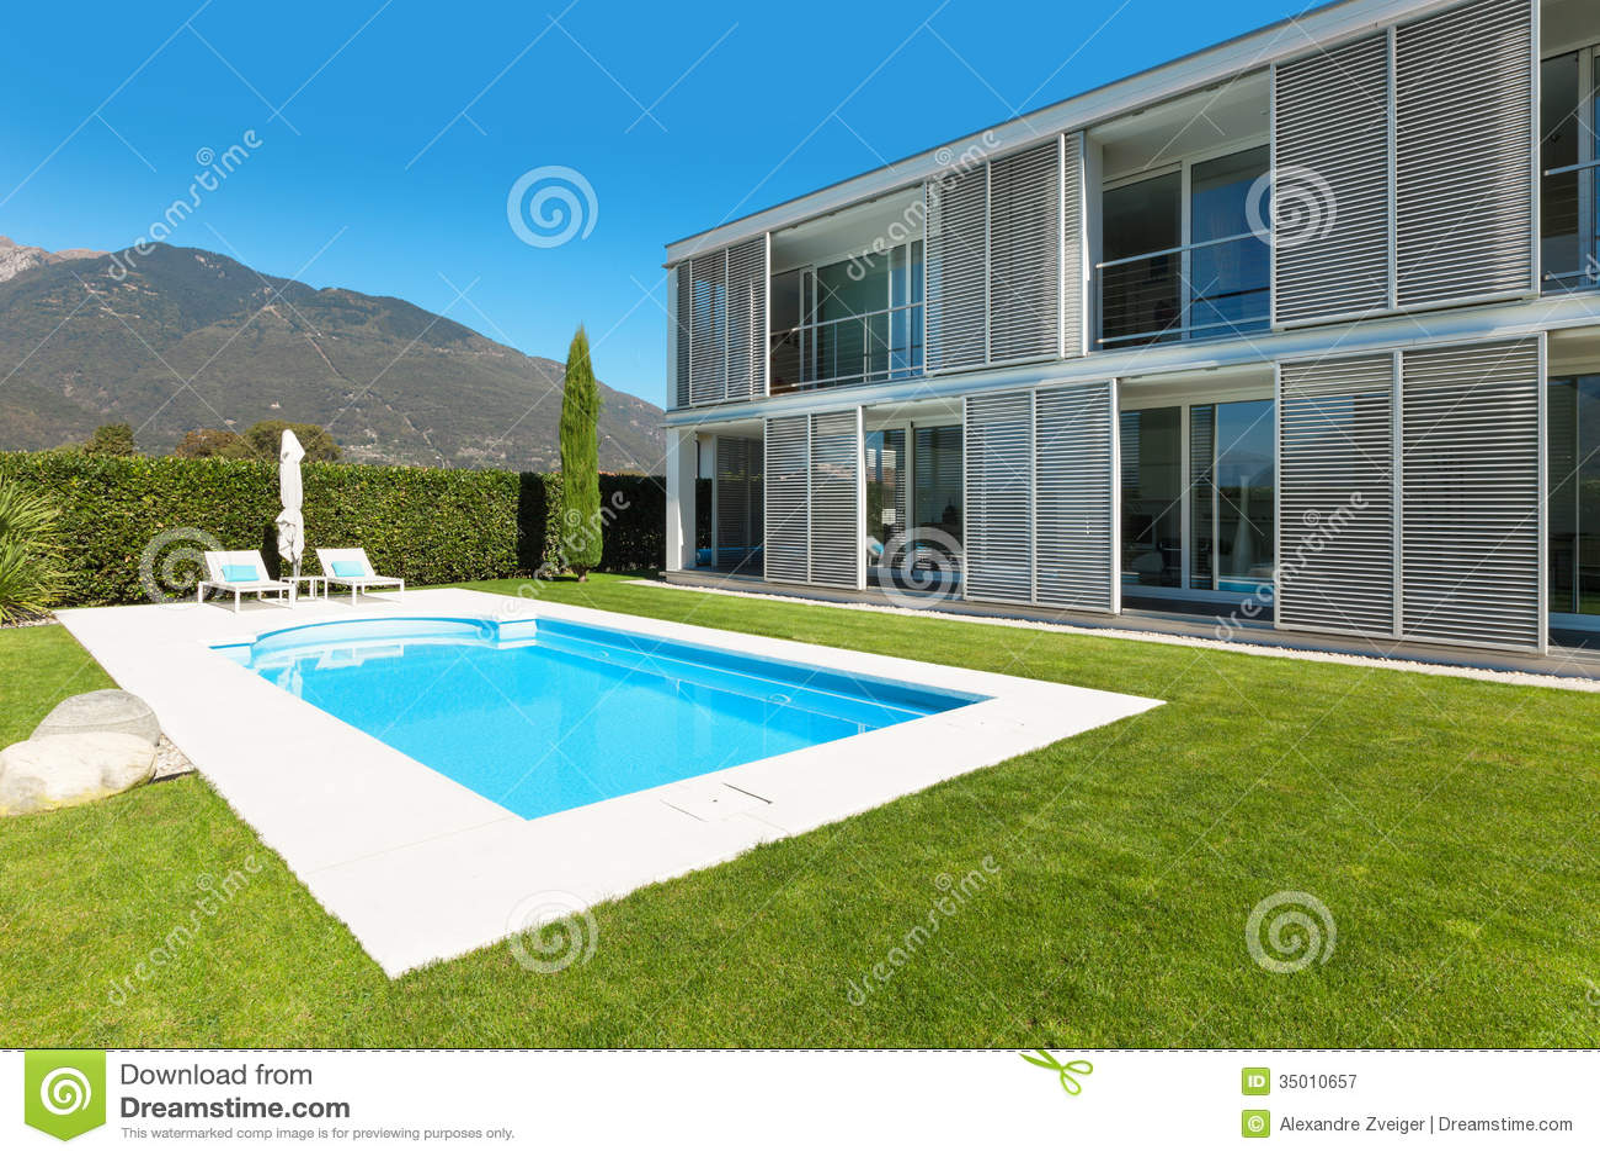 plan de villa moderne avec piscine meilleure inspiration pour votre design de maison